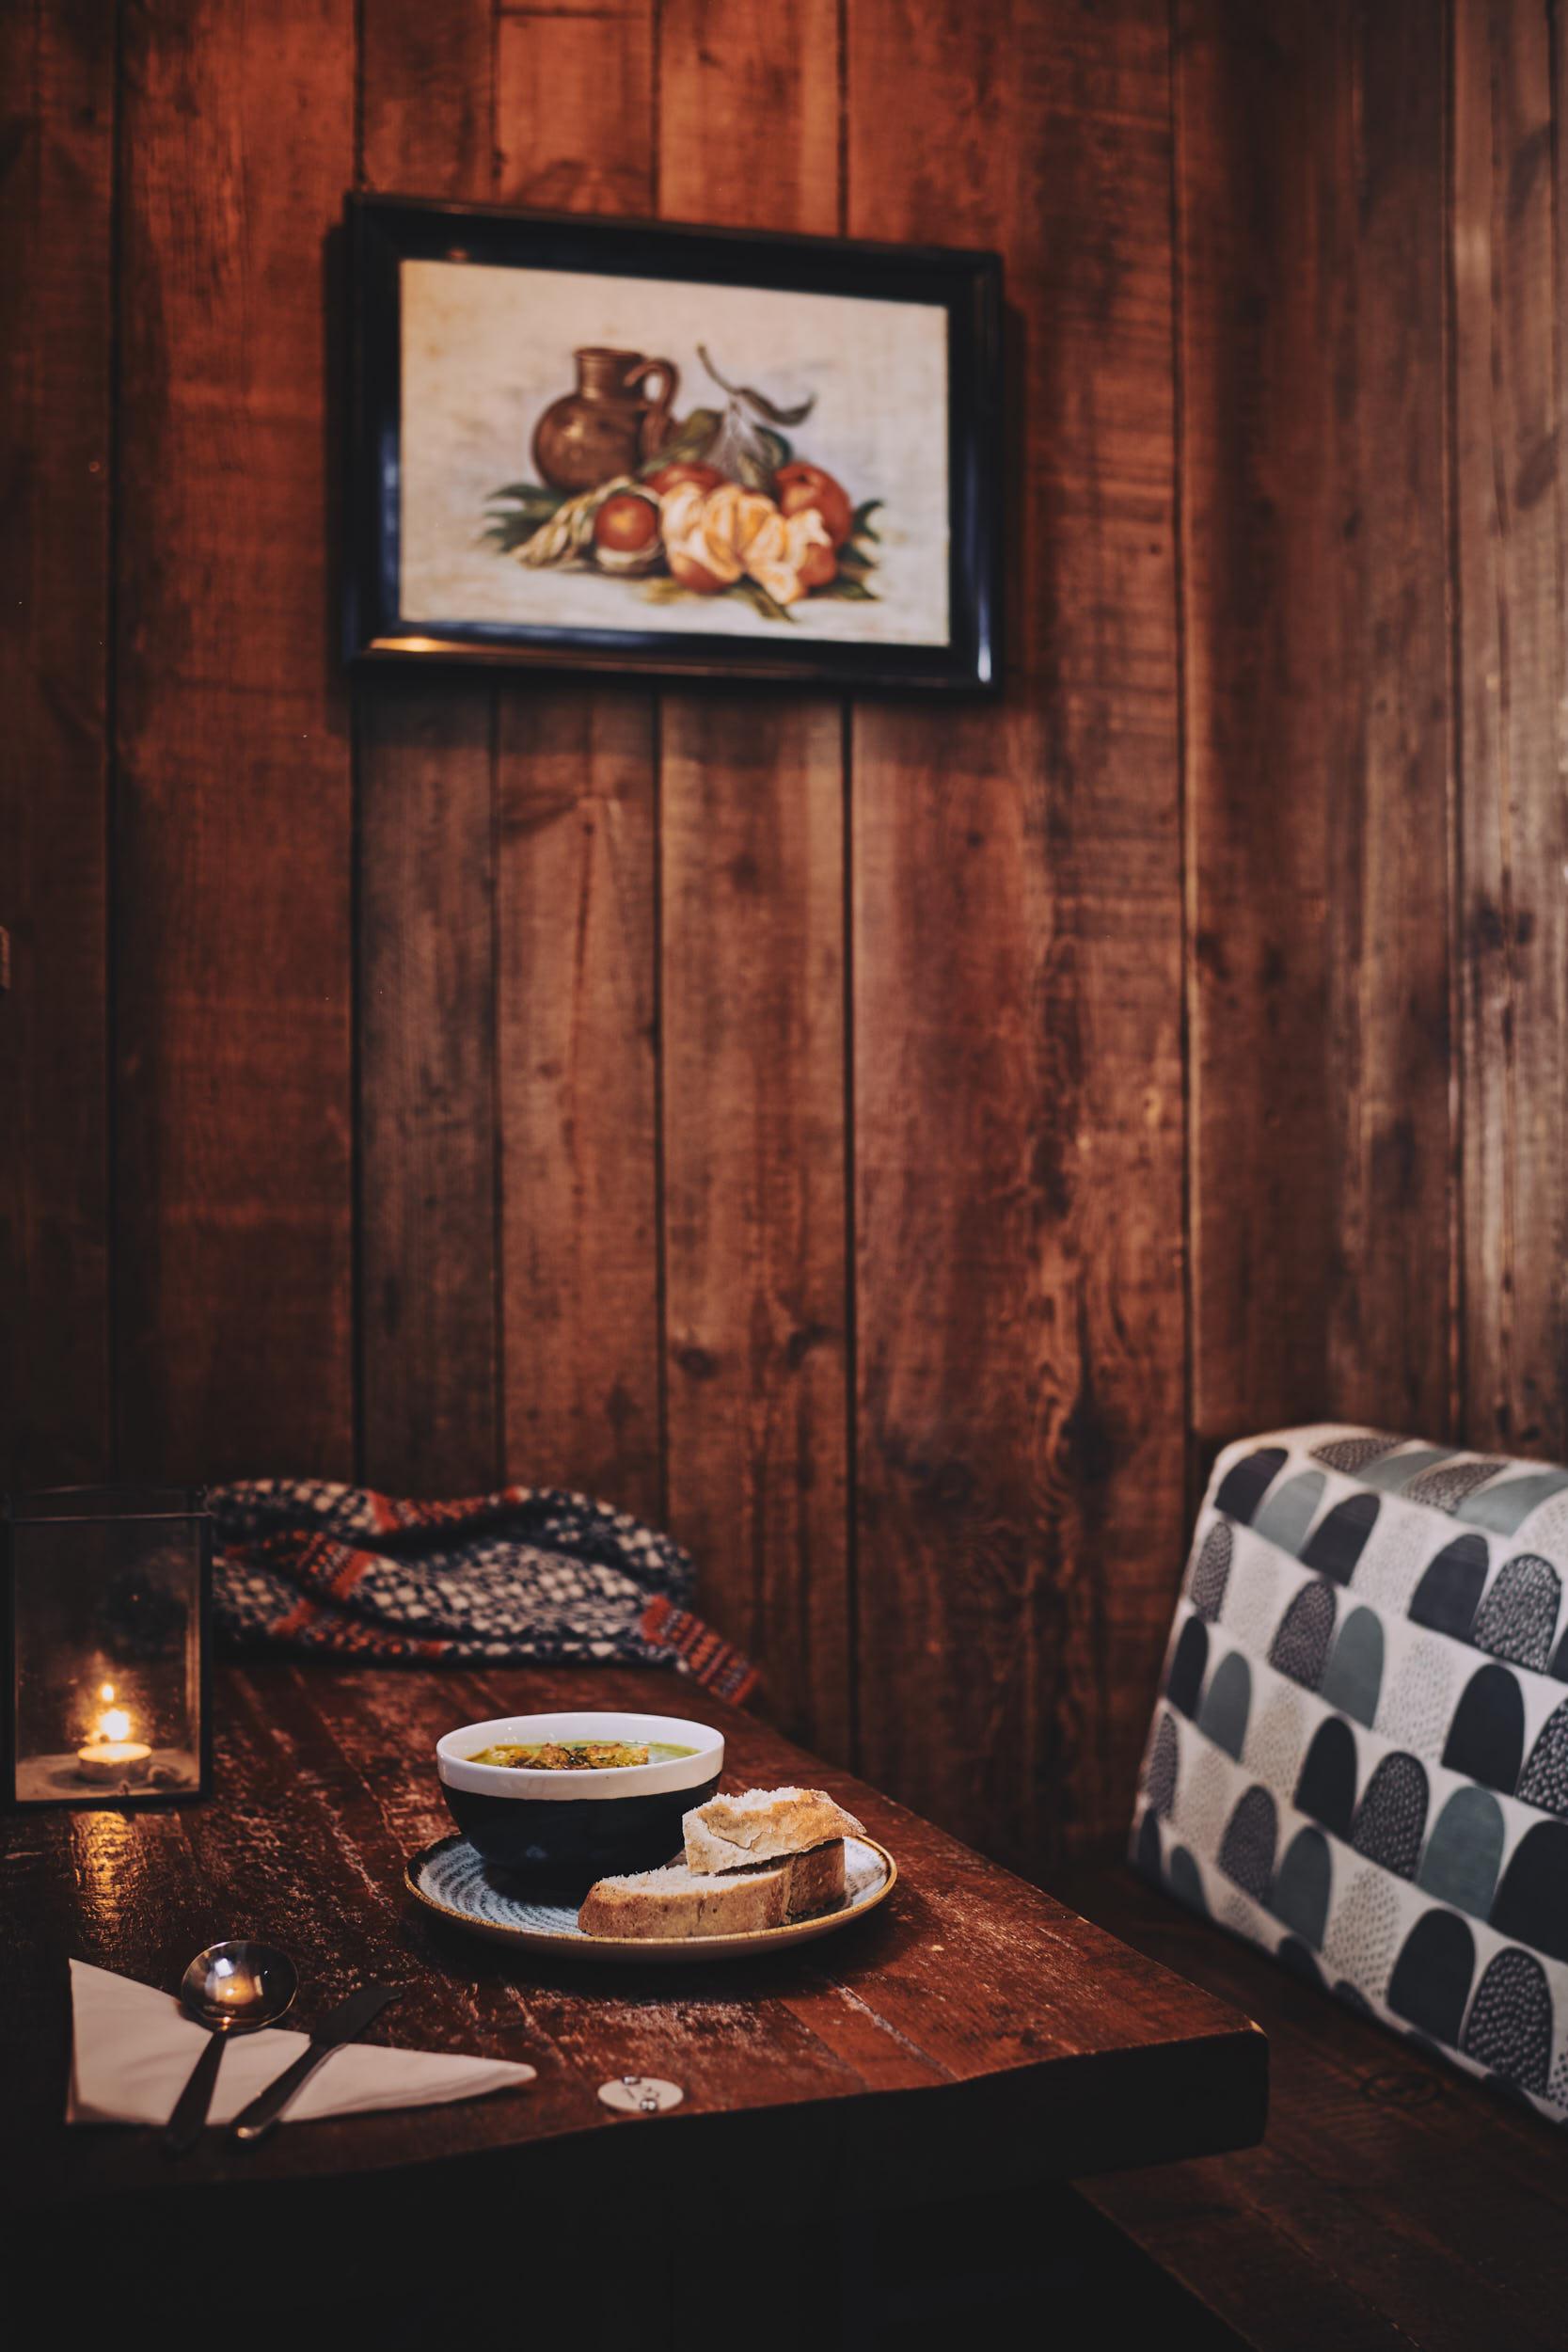 food and drink restaurant coffee shot in harrgoate.jpg 6.jpg